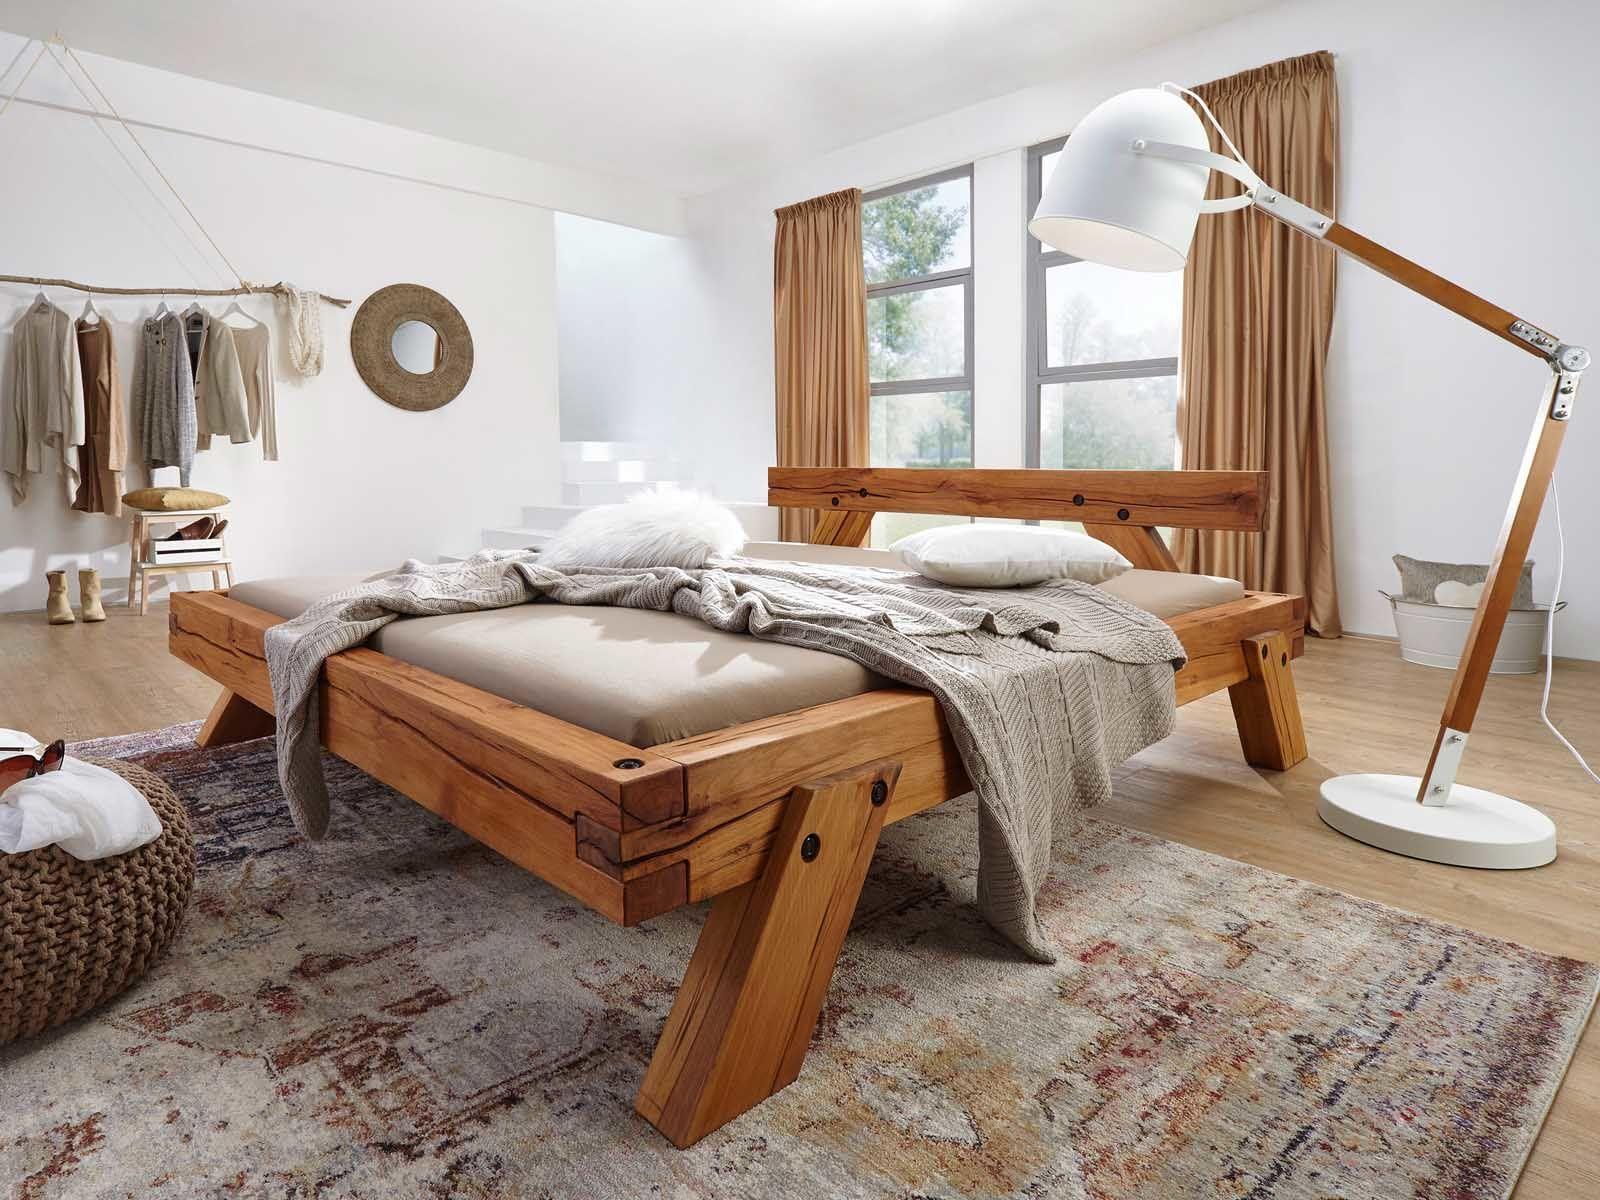 Full Size of Balken Bett Balkenbett Aus Massivholz Vorteile Beispiele Massivum Antike Betten Baza Einfaches Mit Gepolstertem Kopfteil 120x190 200x200 Beleuchtung Bett Balken Bett